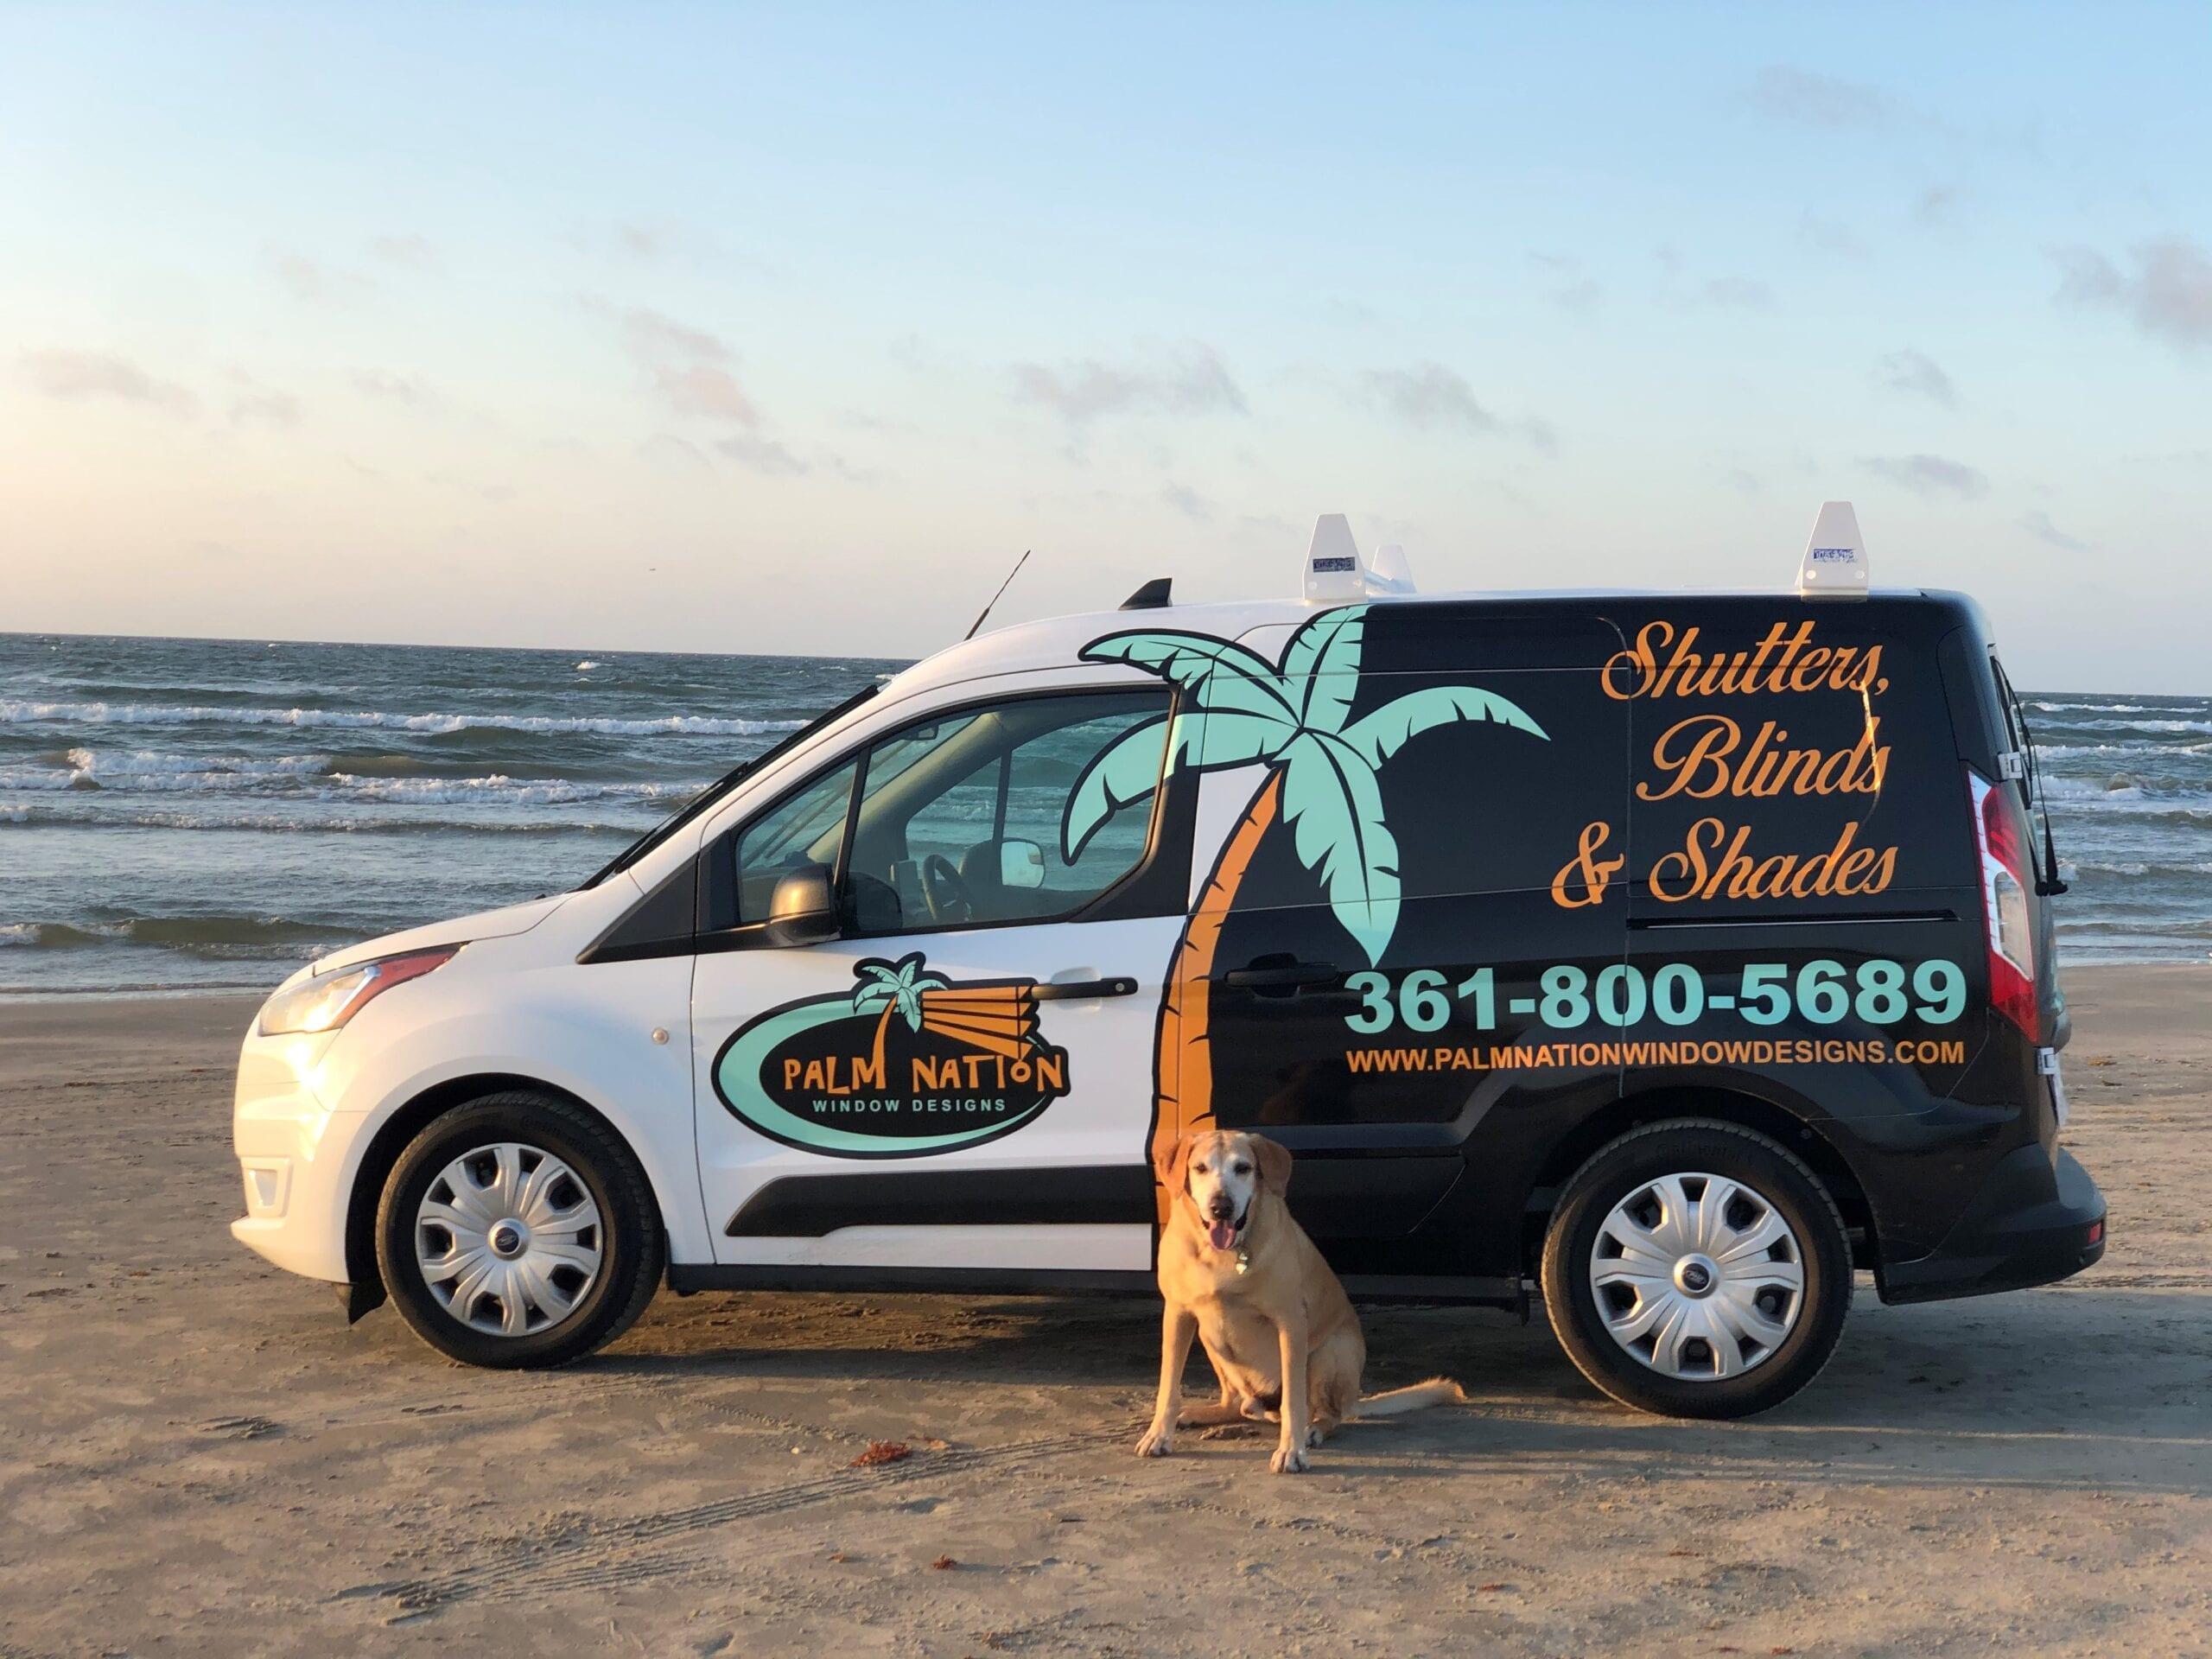 Van and Tug at beach